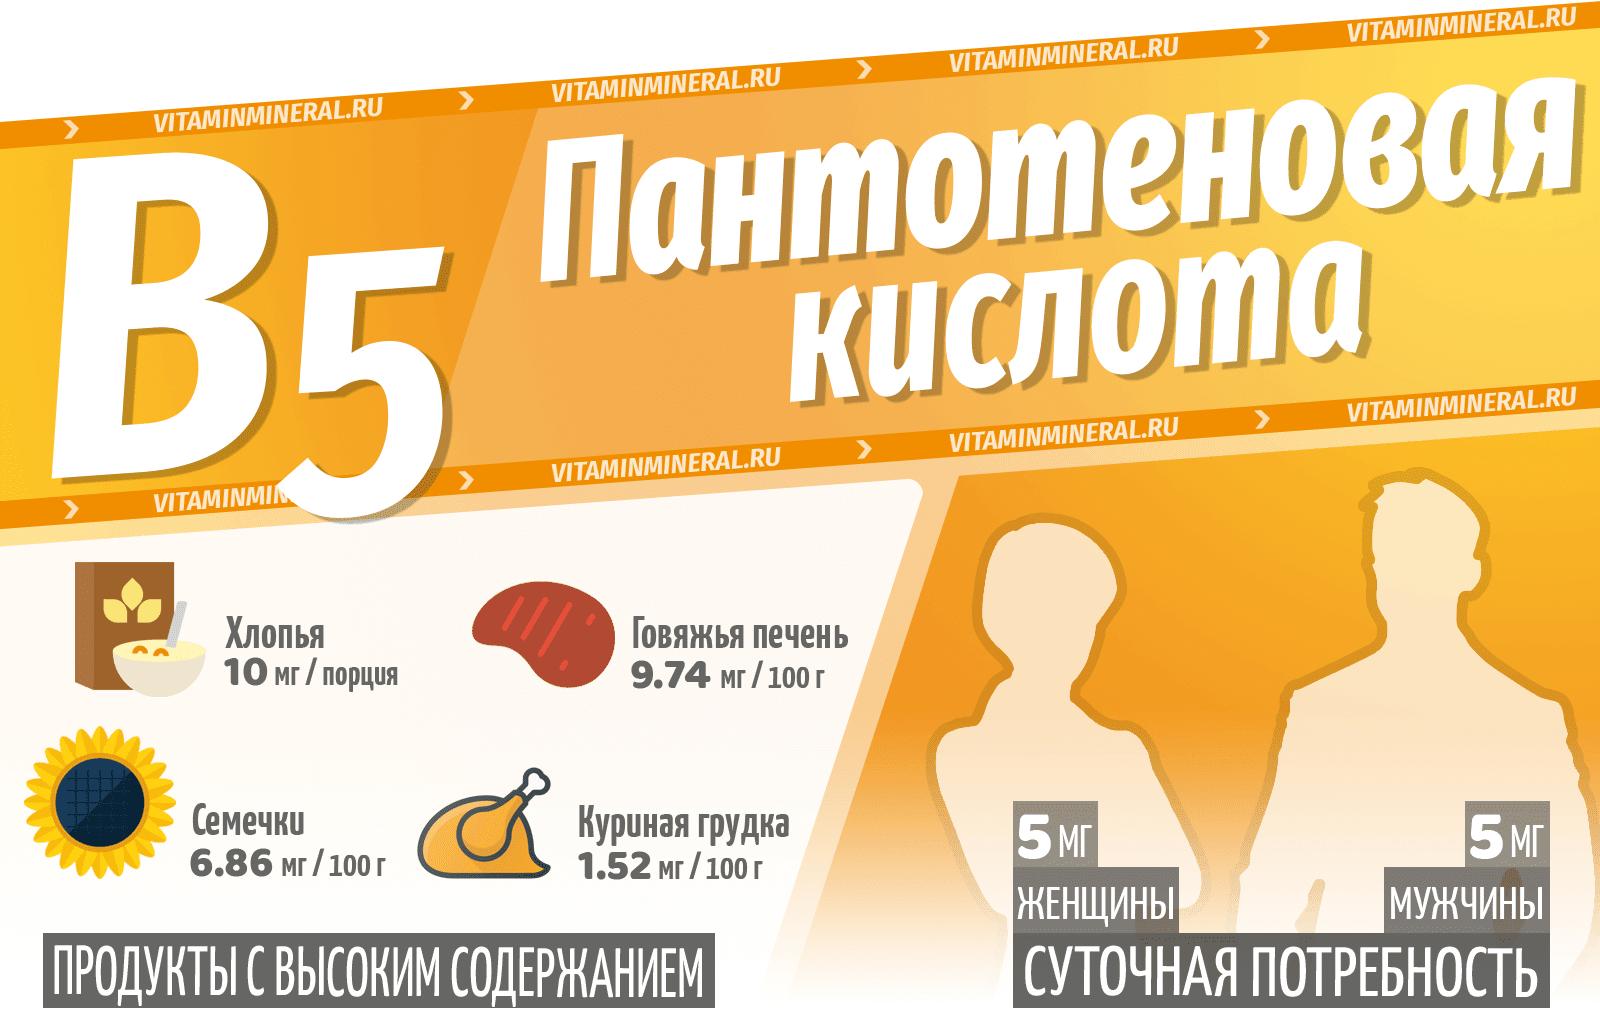 Витамин B5 (Пантотеновая кислота) — инфографика